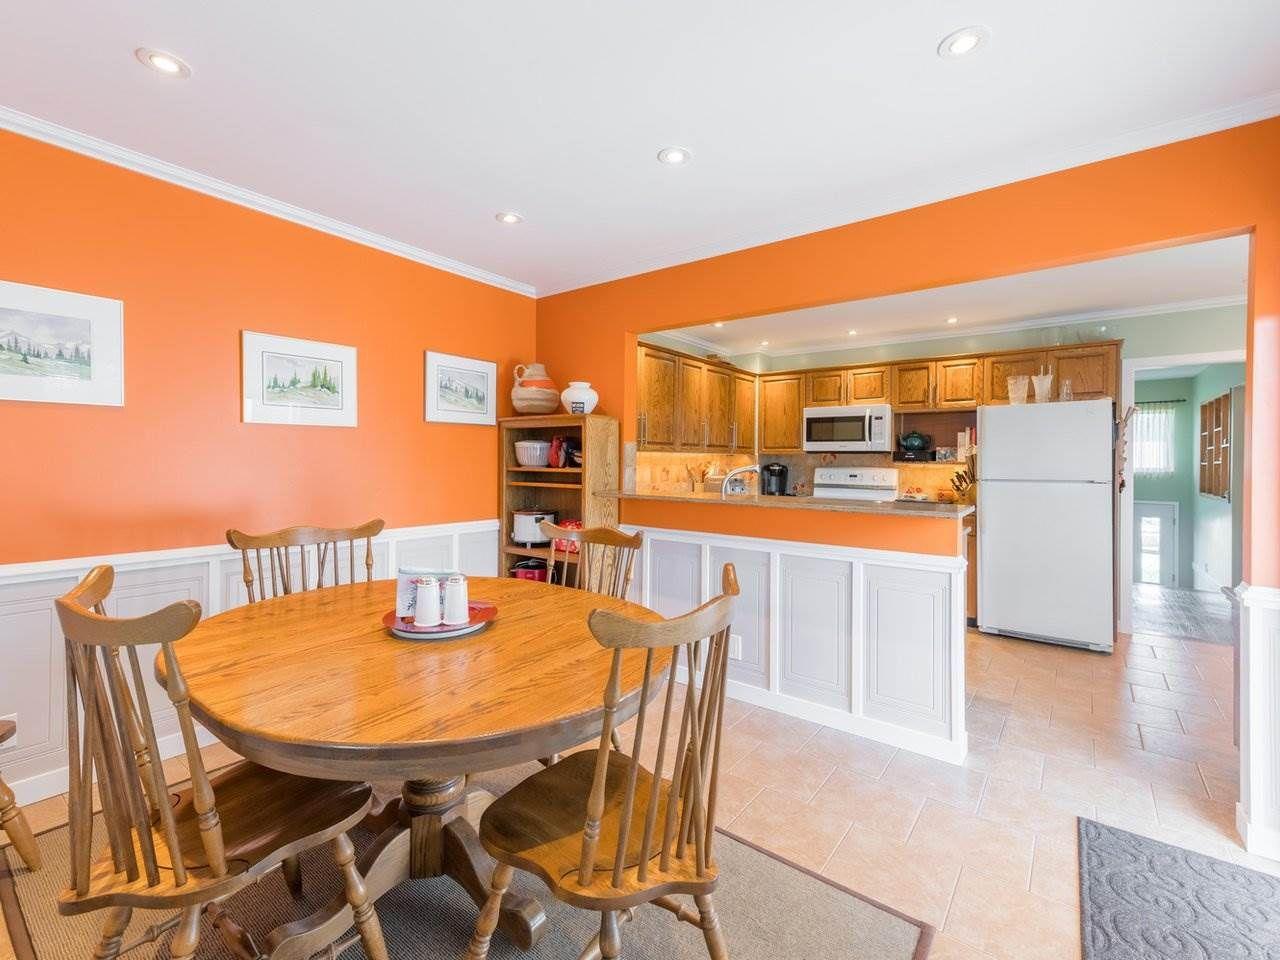 Photo 16: Photos: 808 REGAN Avenue in Coquitlam: Coquitlam West House for sale : MLS®# R2563486